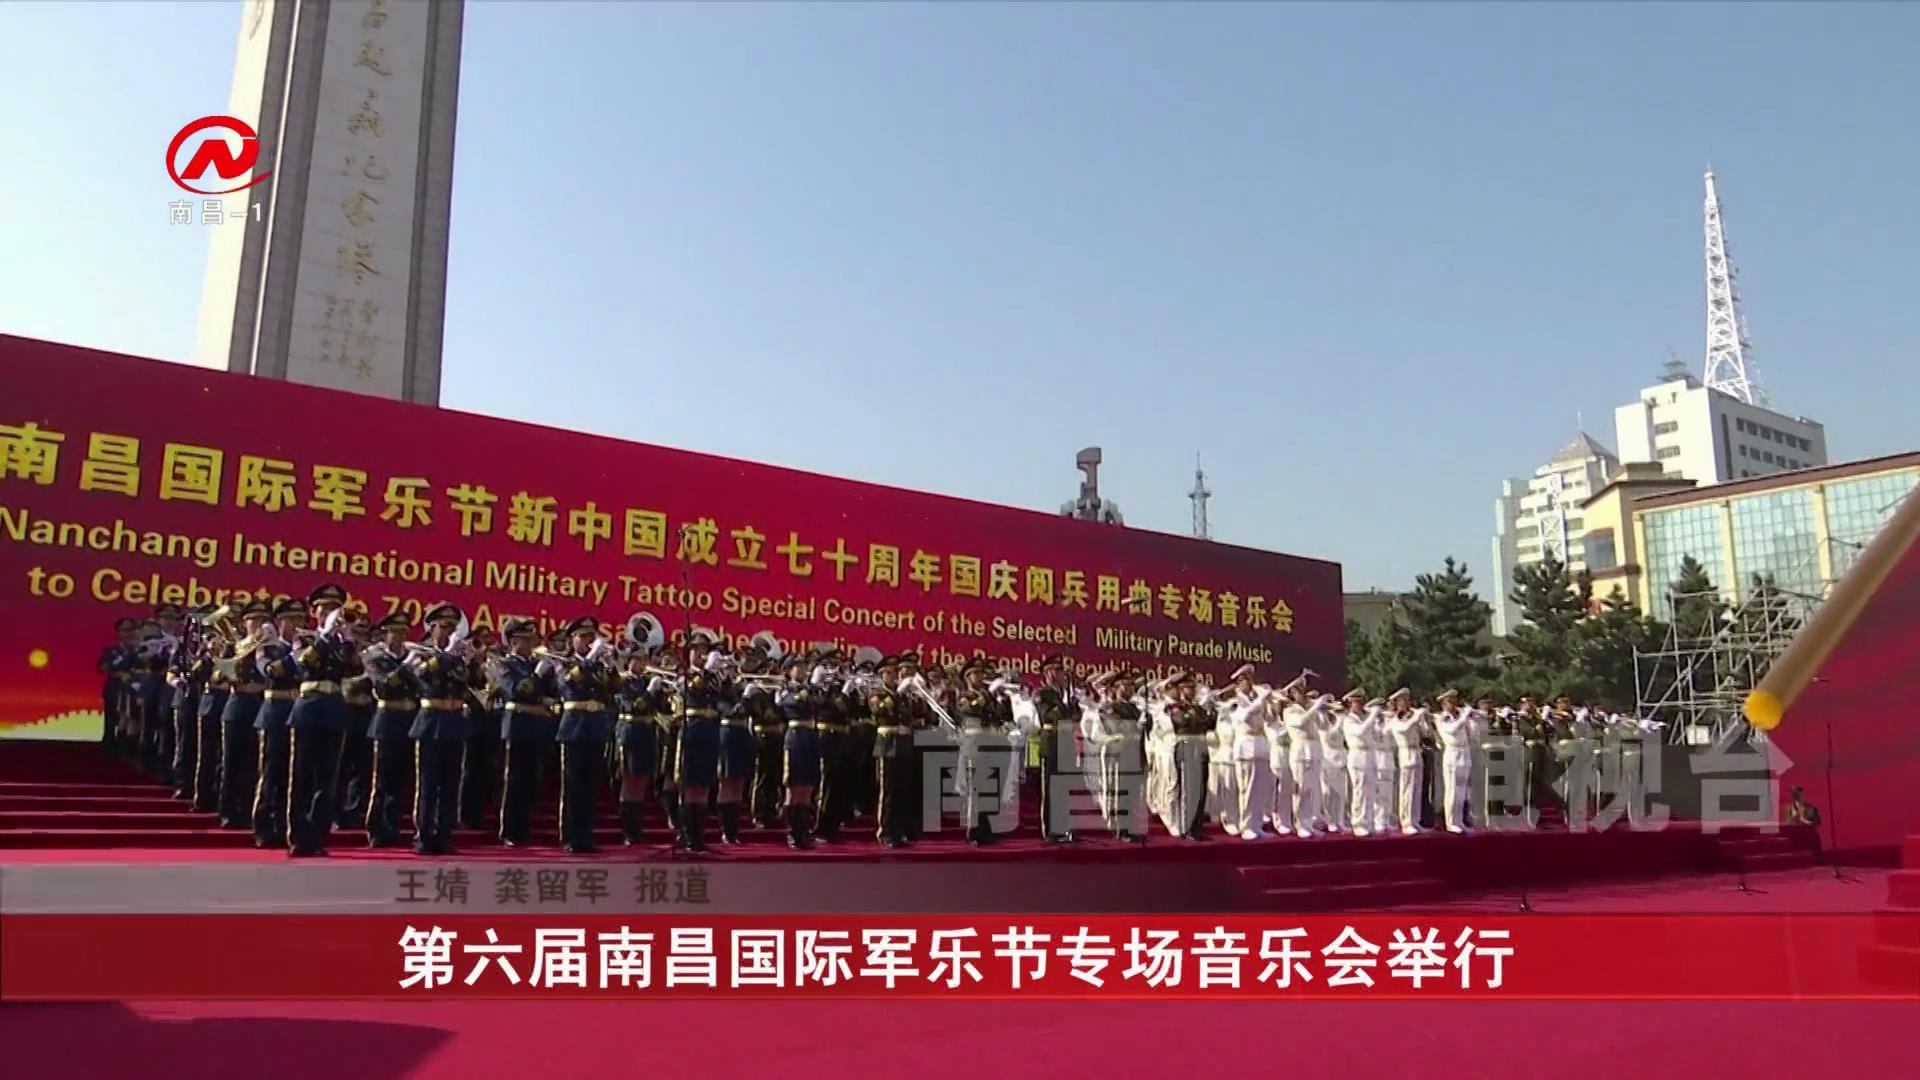 第六届南昌国际军乐节专场音乐会举行